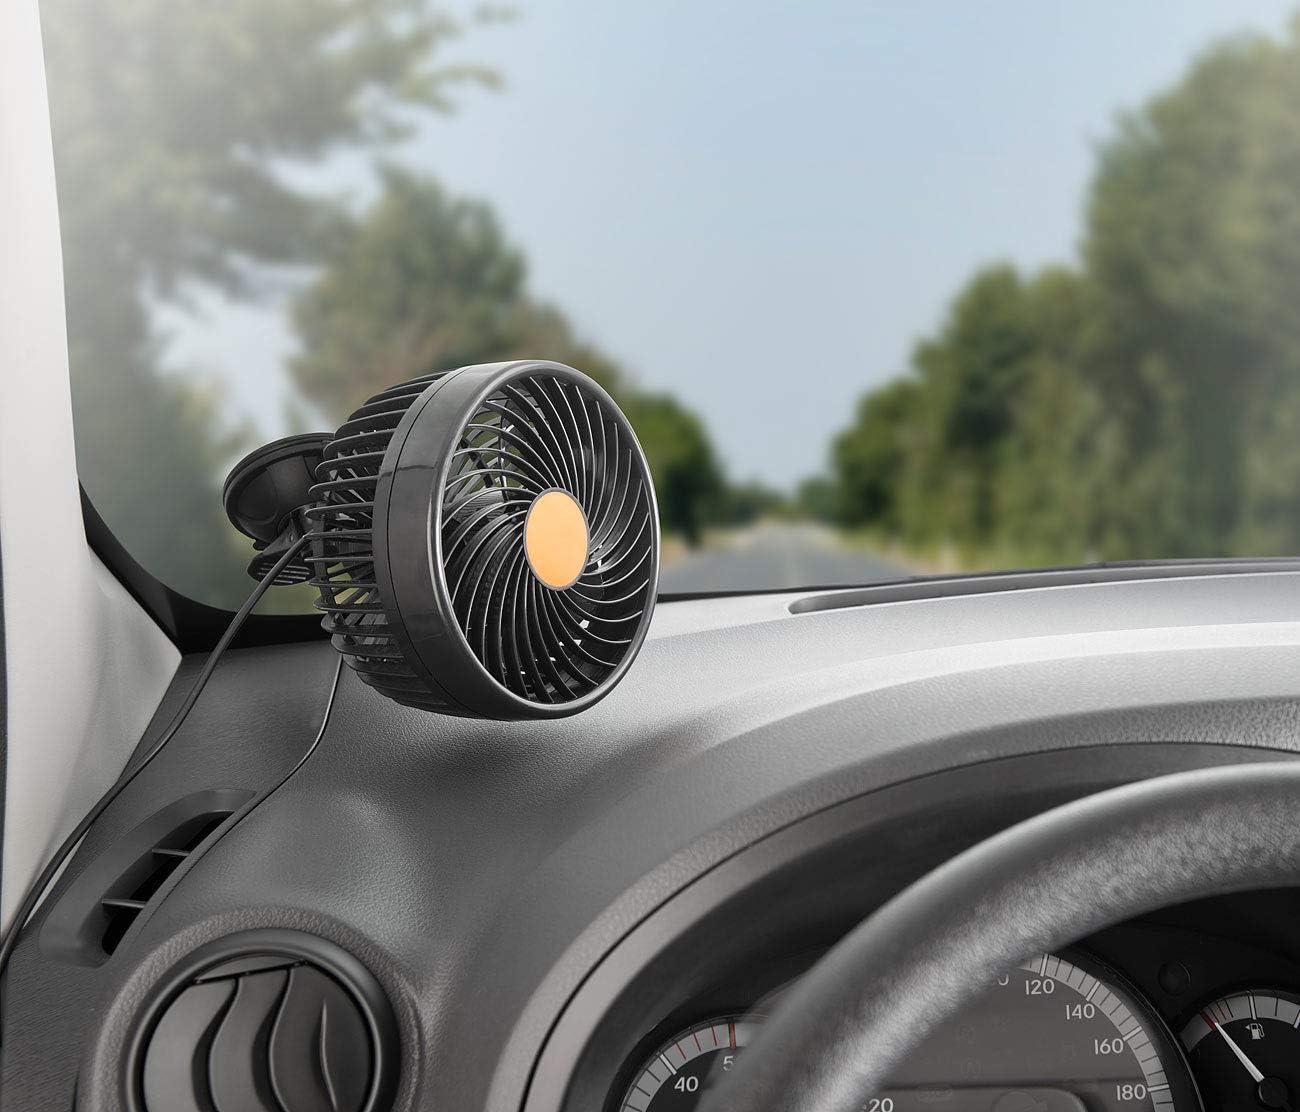 Ventilateur 12/W/// 24/V avec vitesse r/églable en continu VT-70.car Lescars